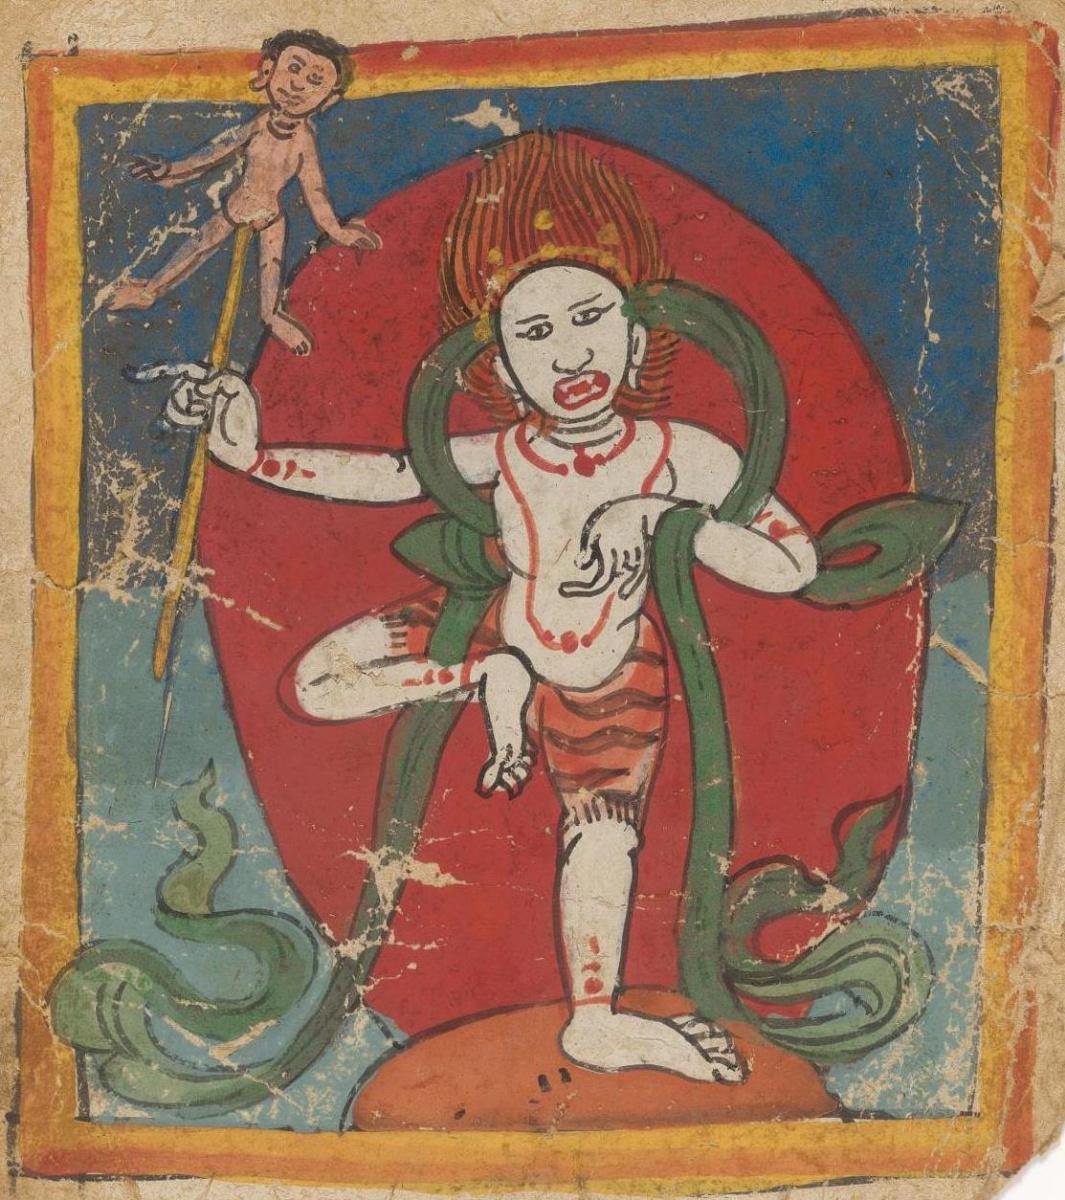 Unknown artist. The deity of the Tibetan Bon religion. Map 22